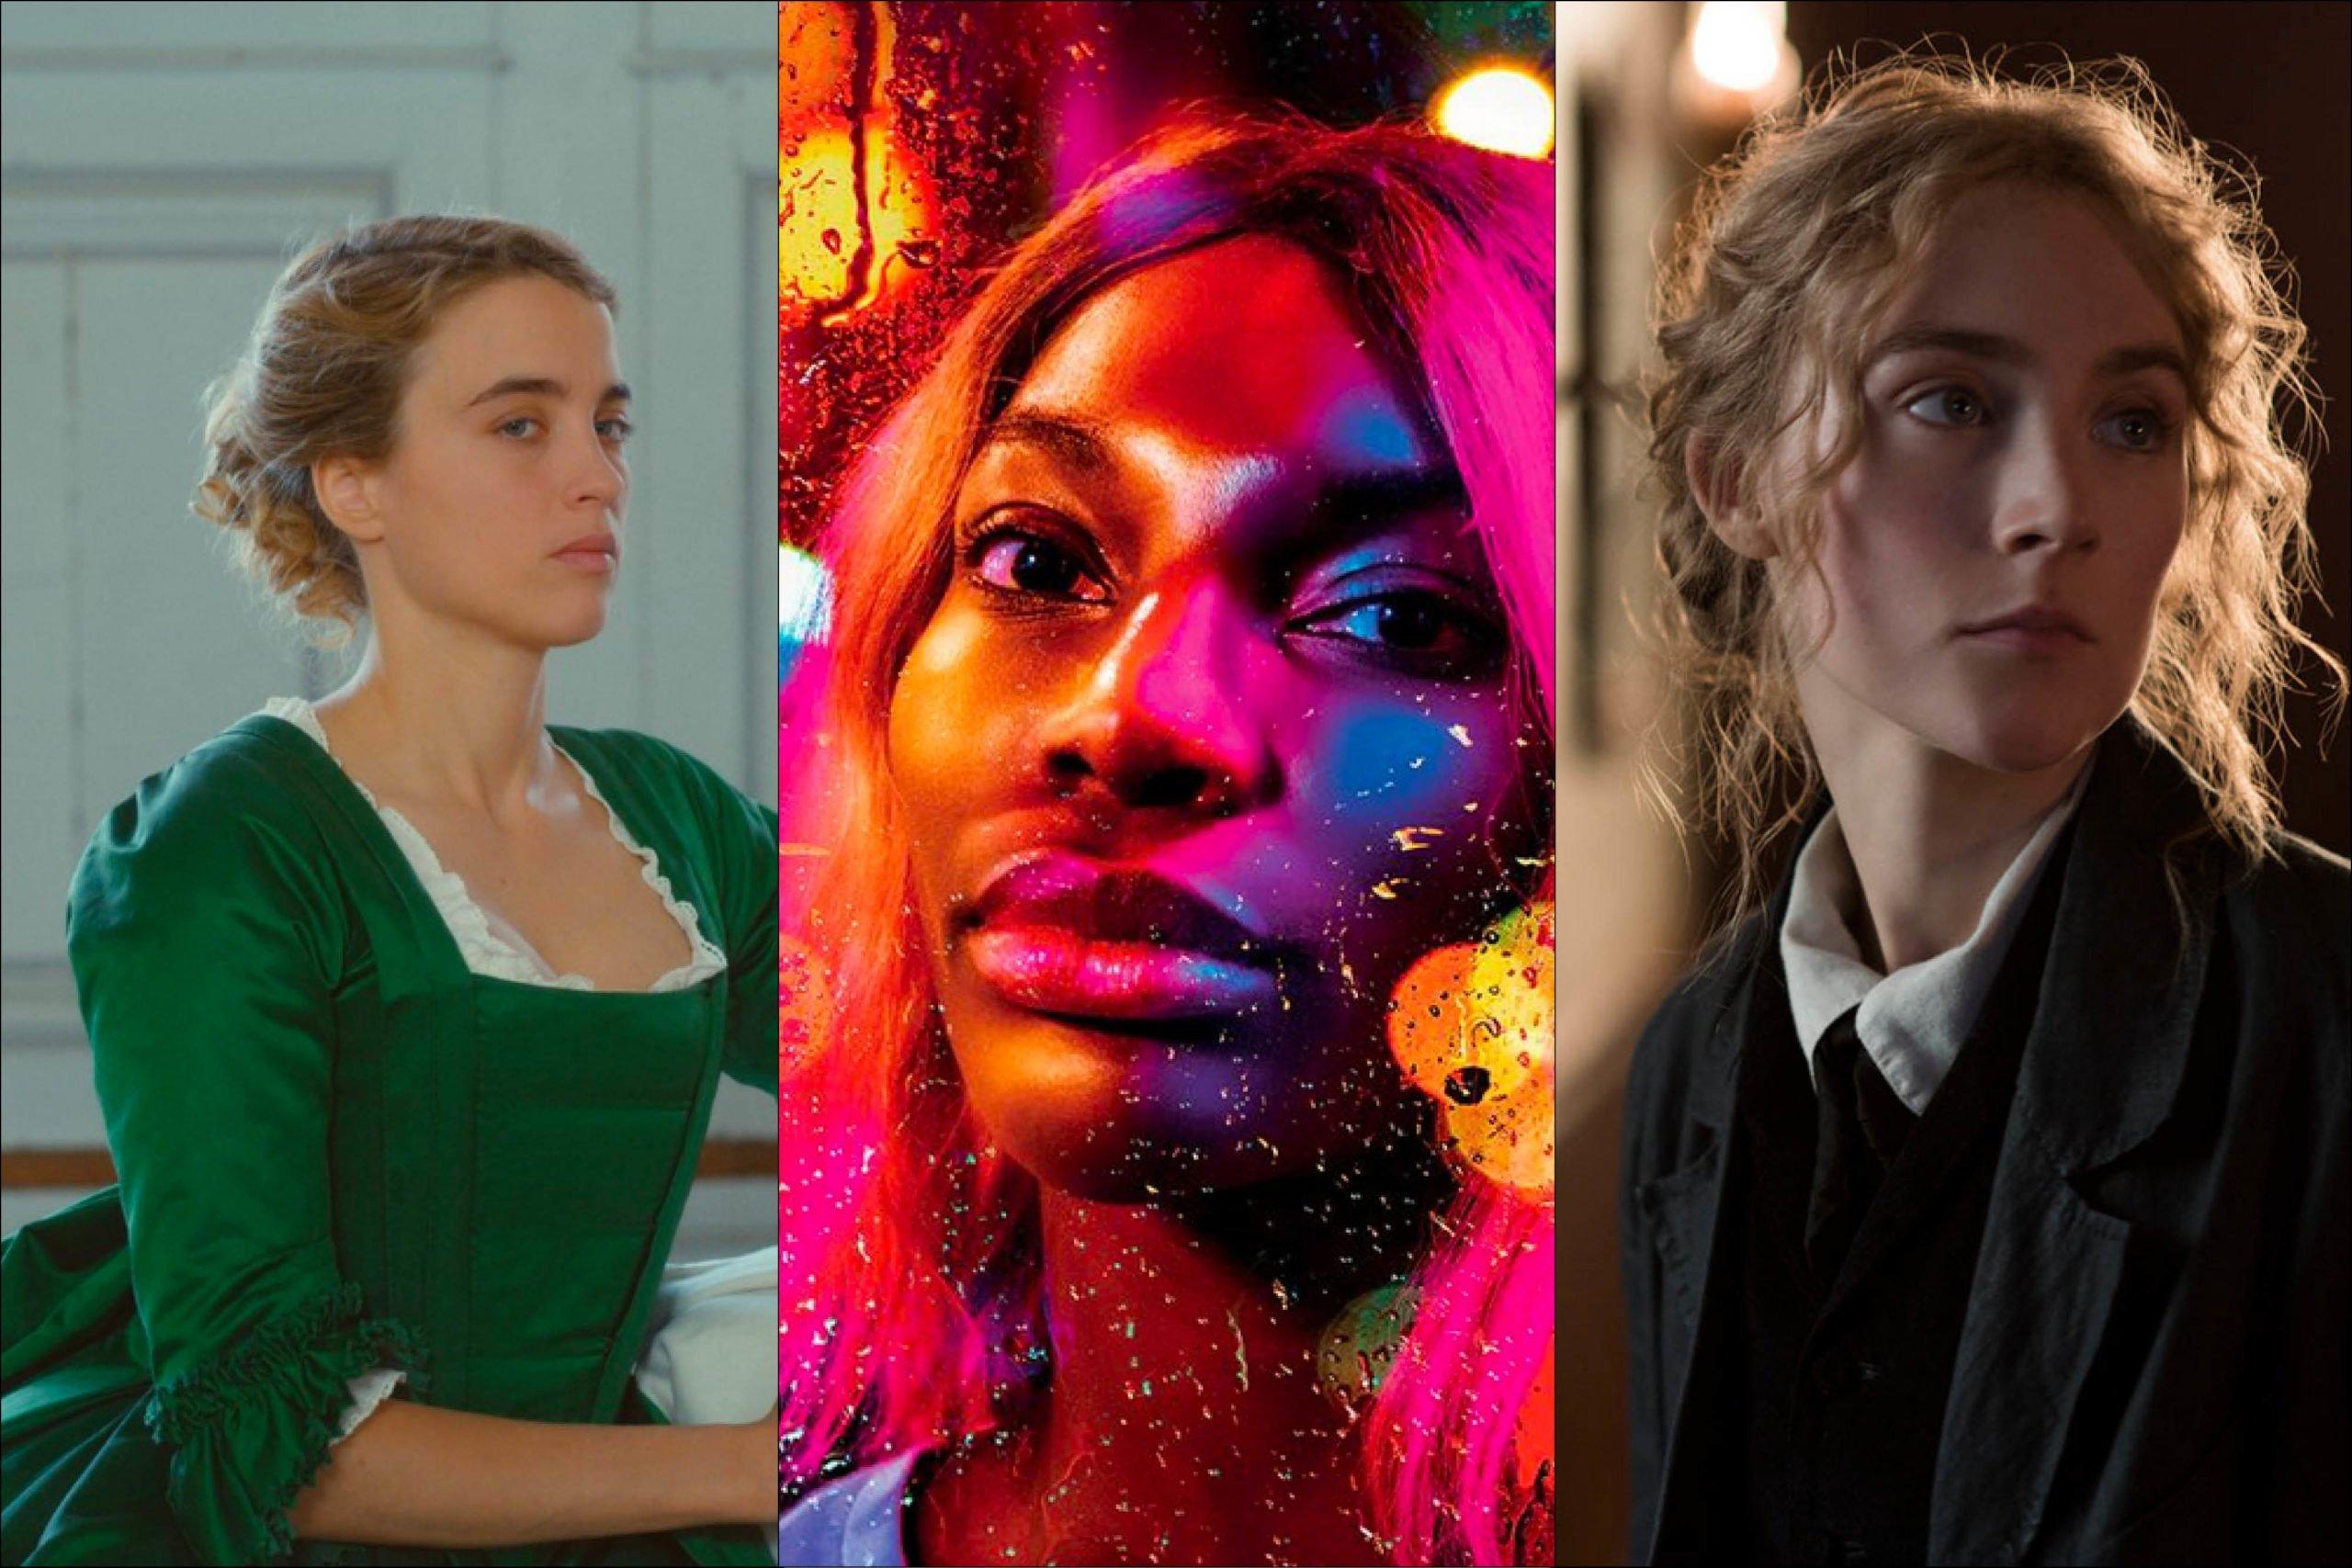 [Sélection] : Les meilleurs films et séries réalisés et incarnés par des femmes